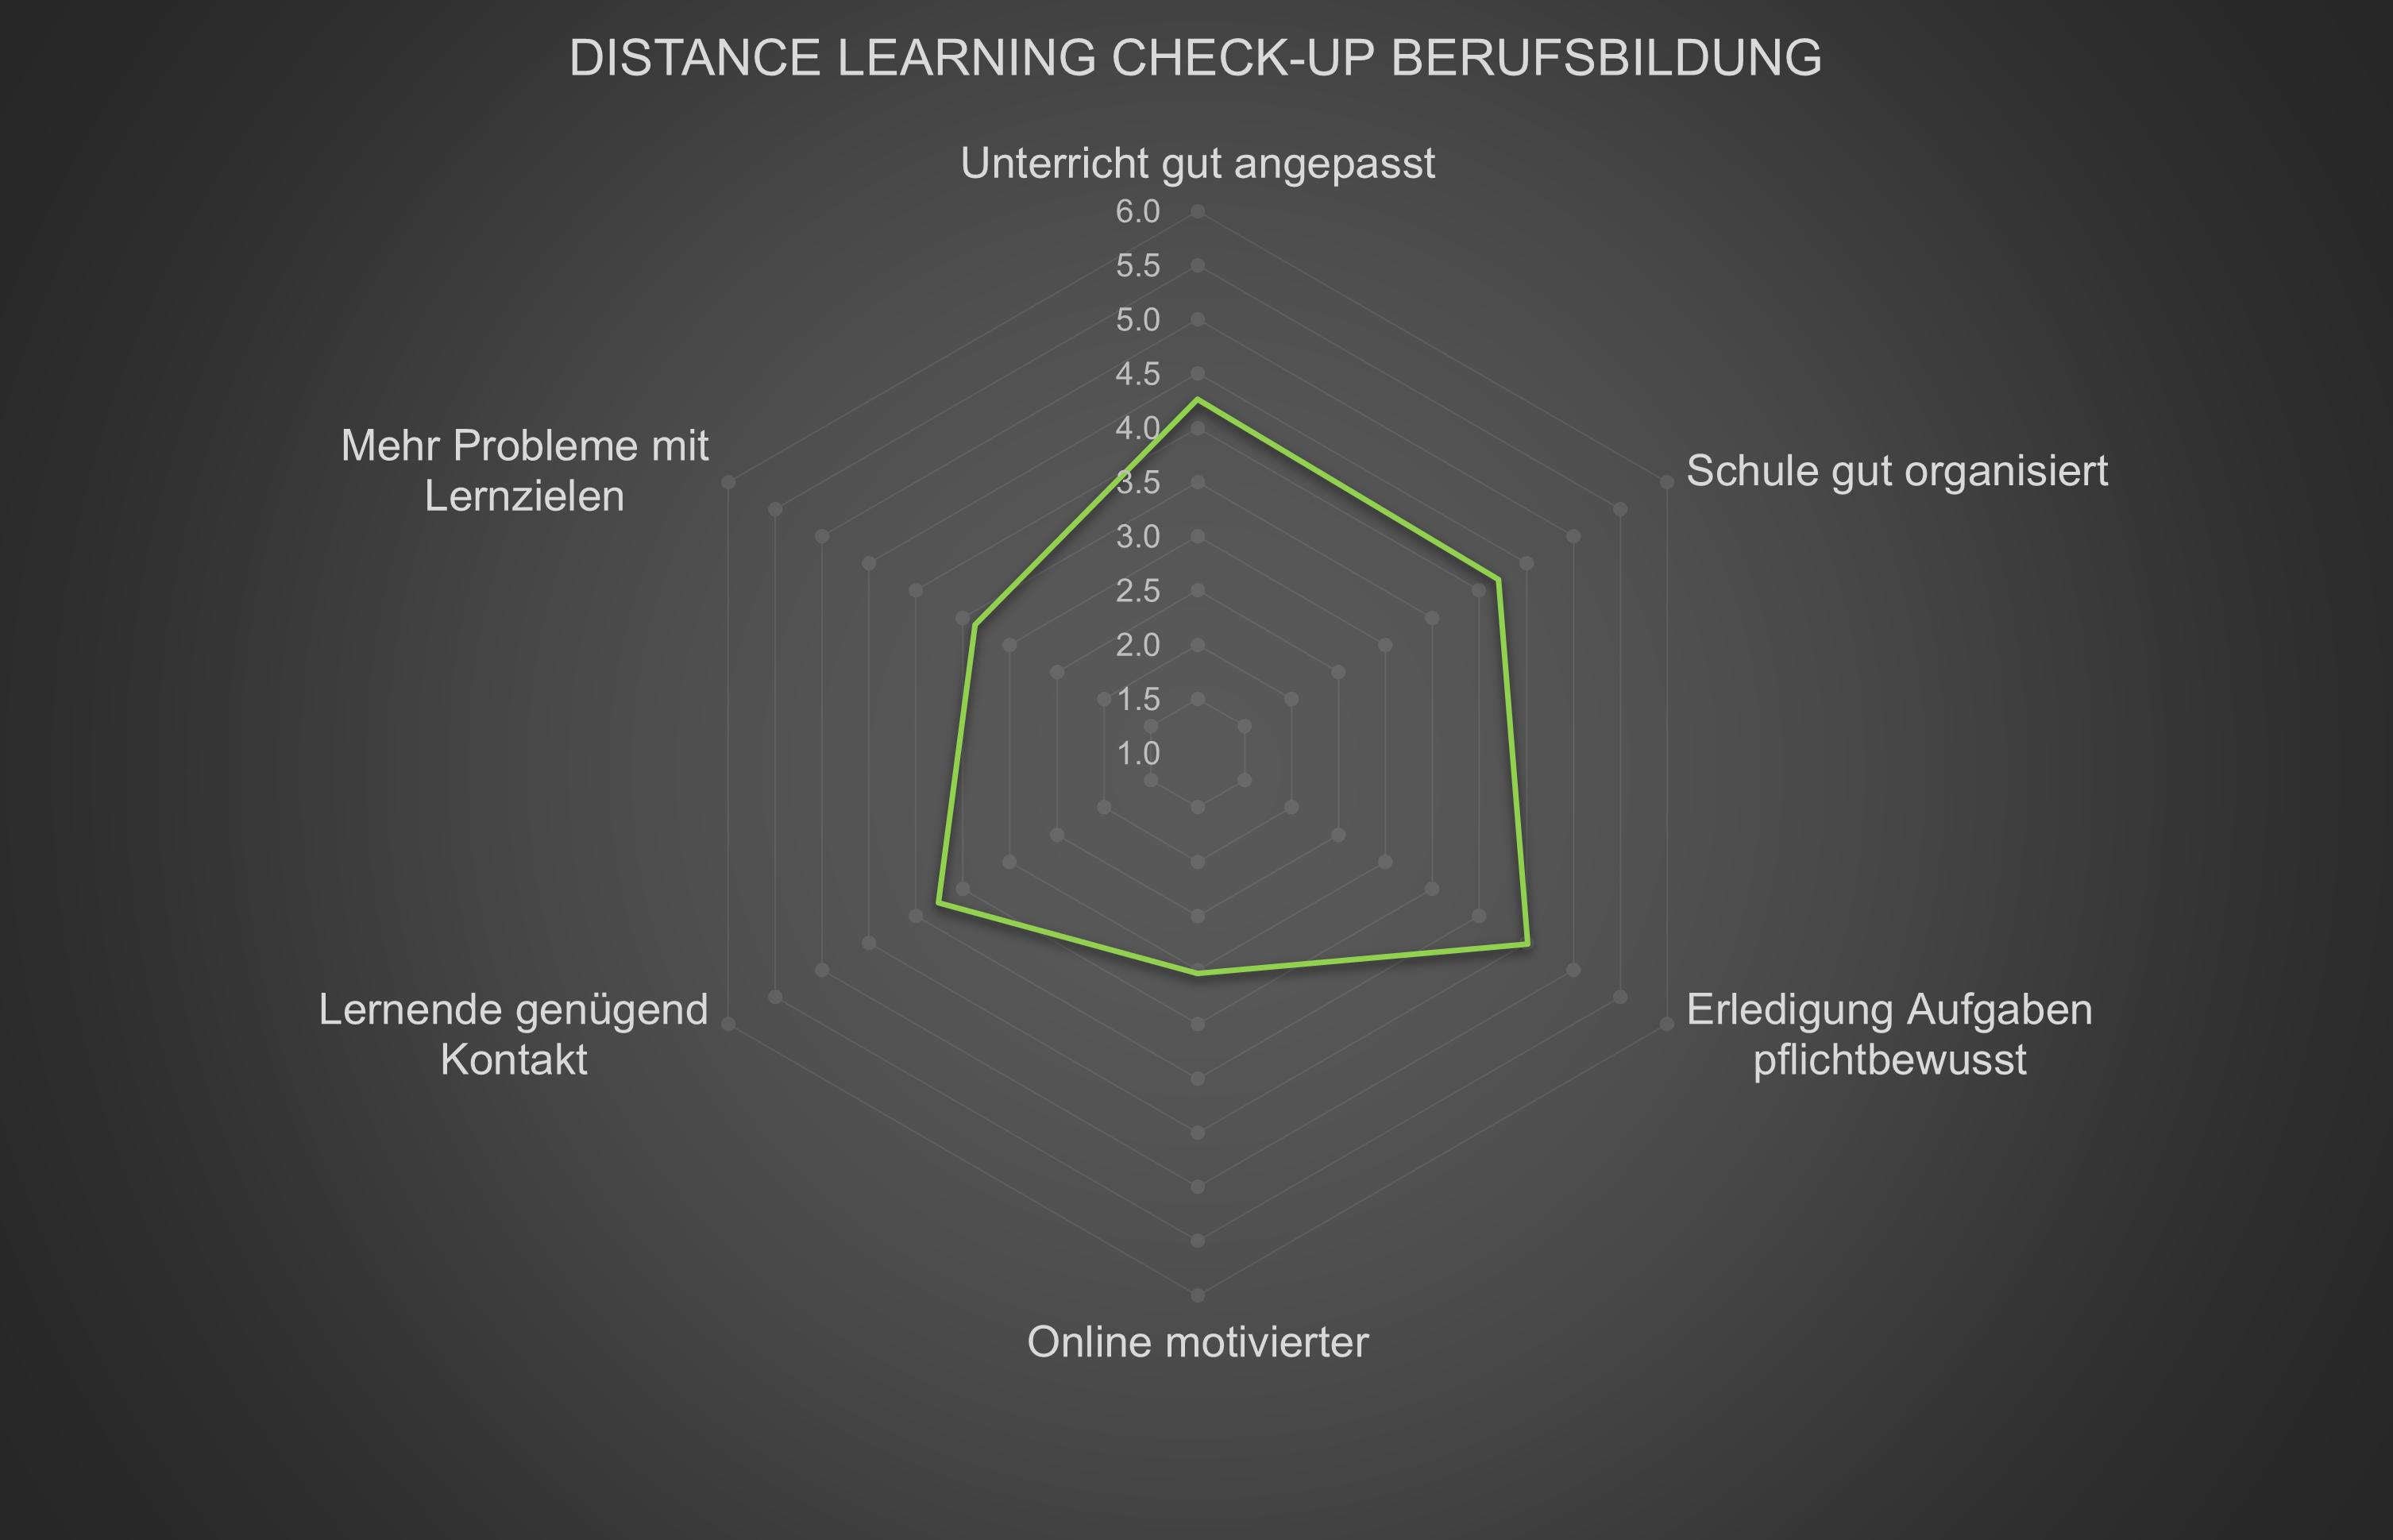 Distance Learning Check-up Berufsbildung Spidergrafik